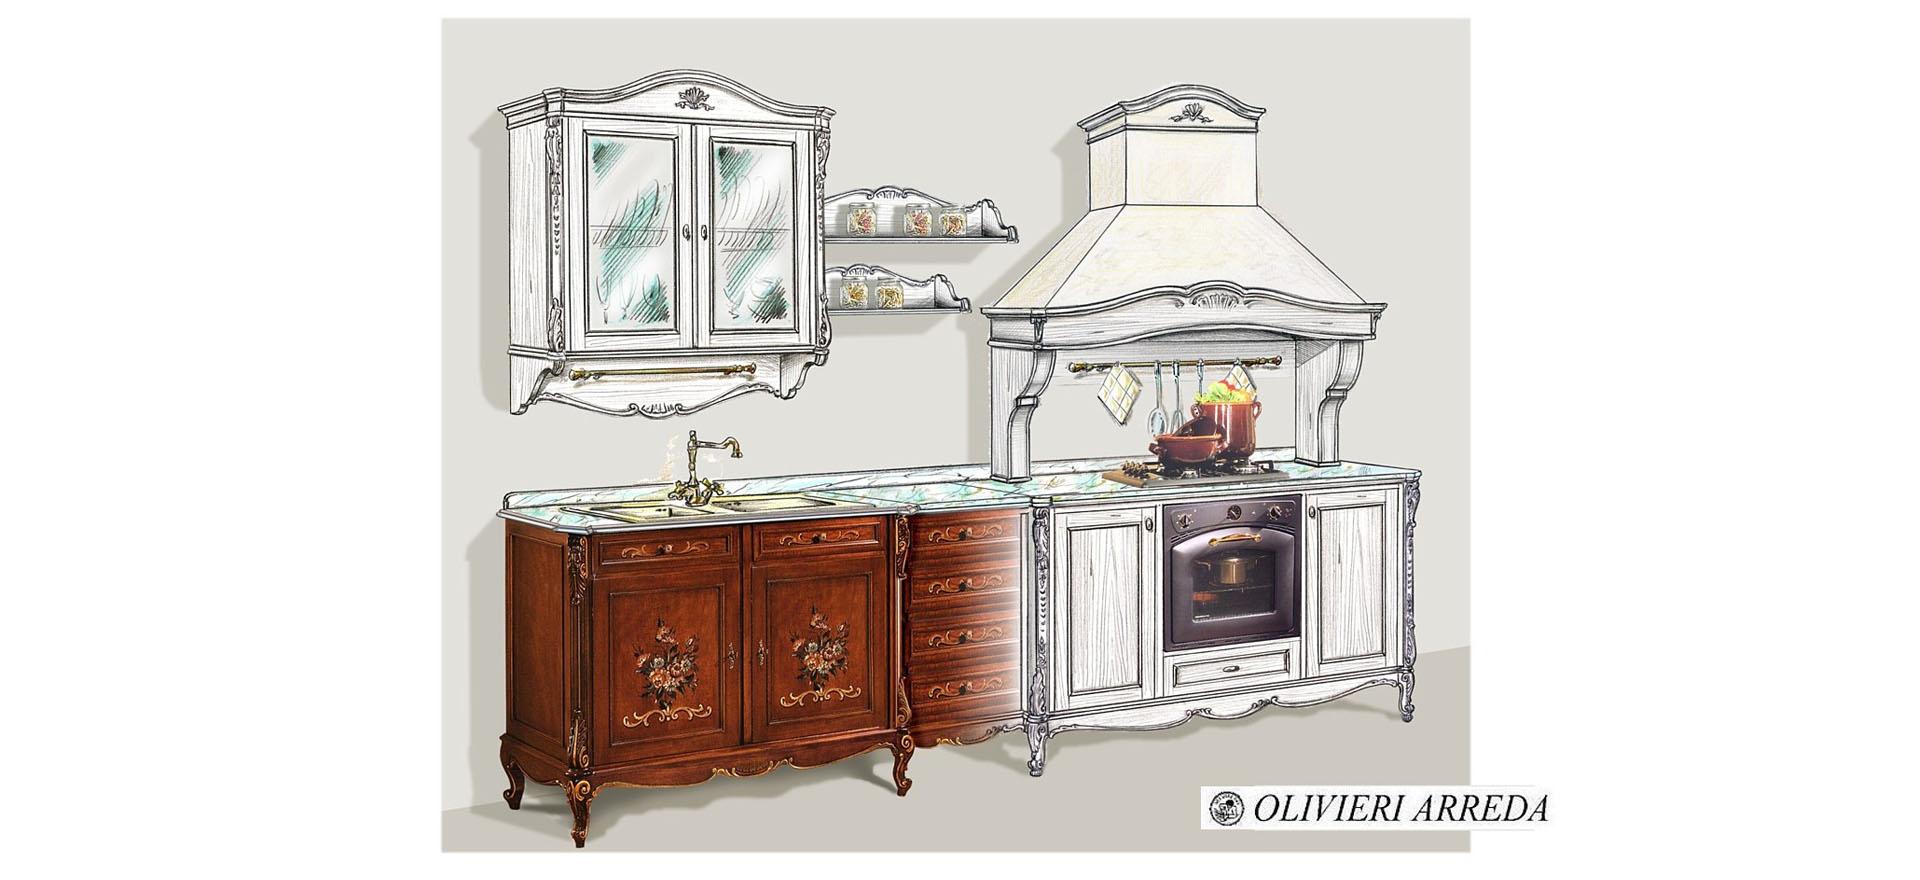 cucina interna con decori-